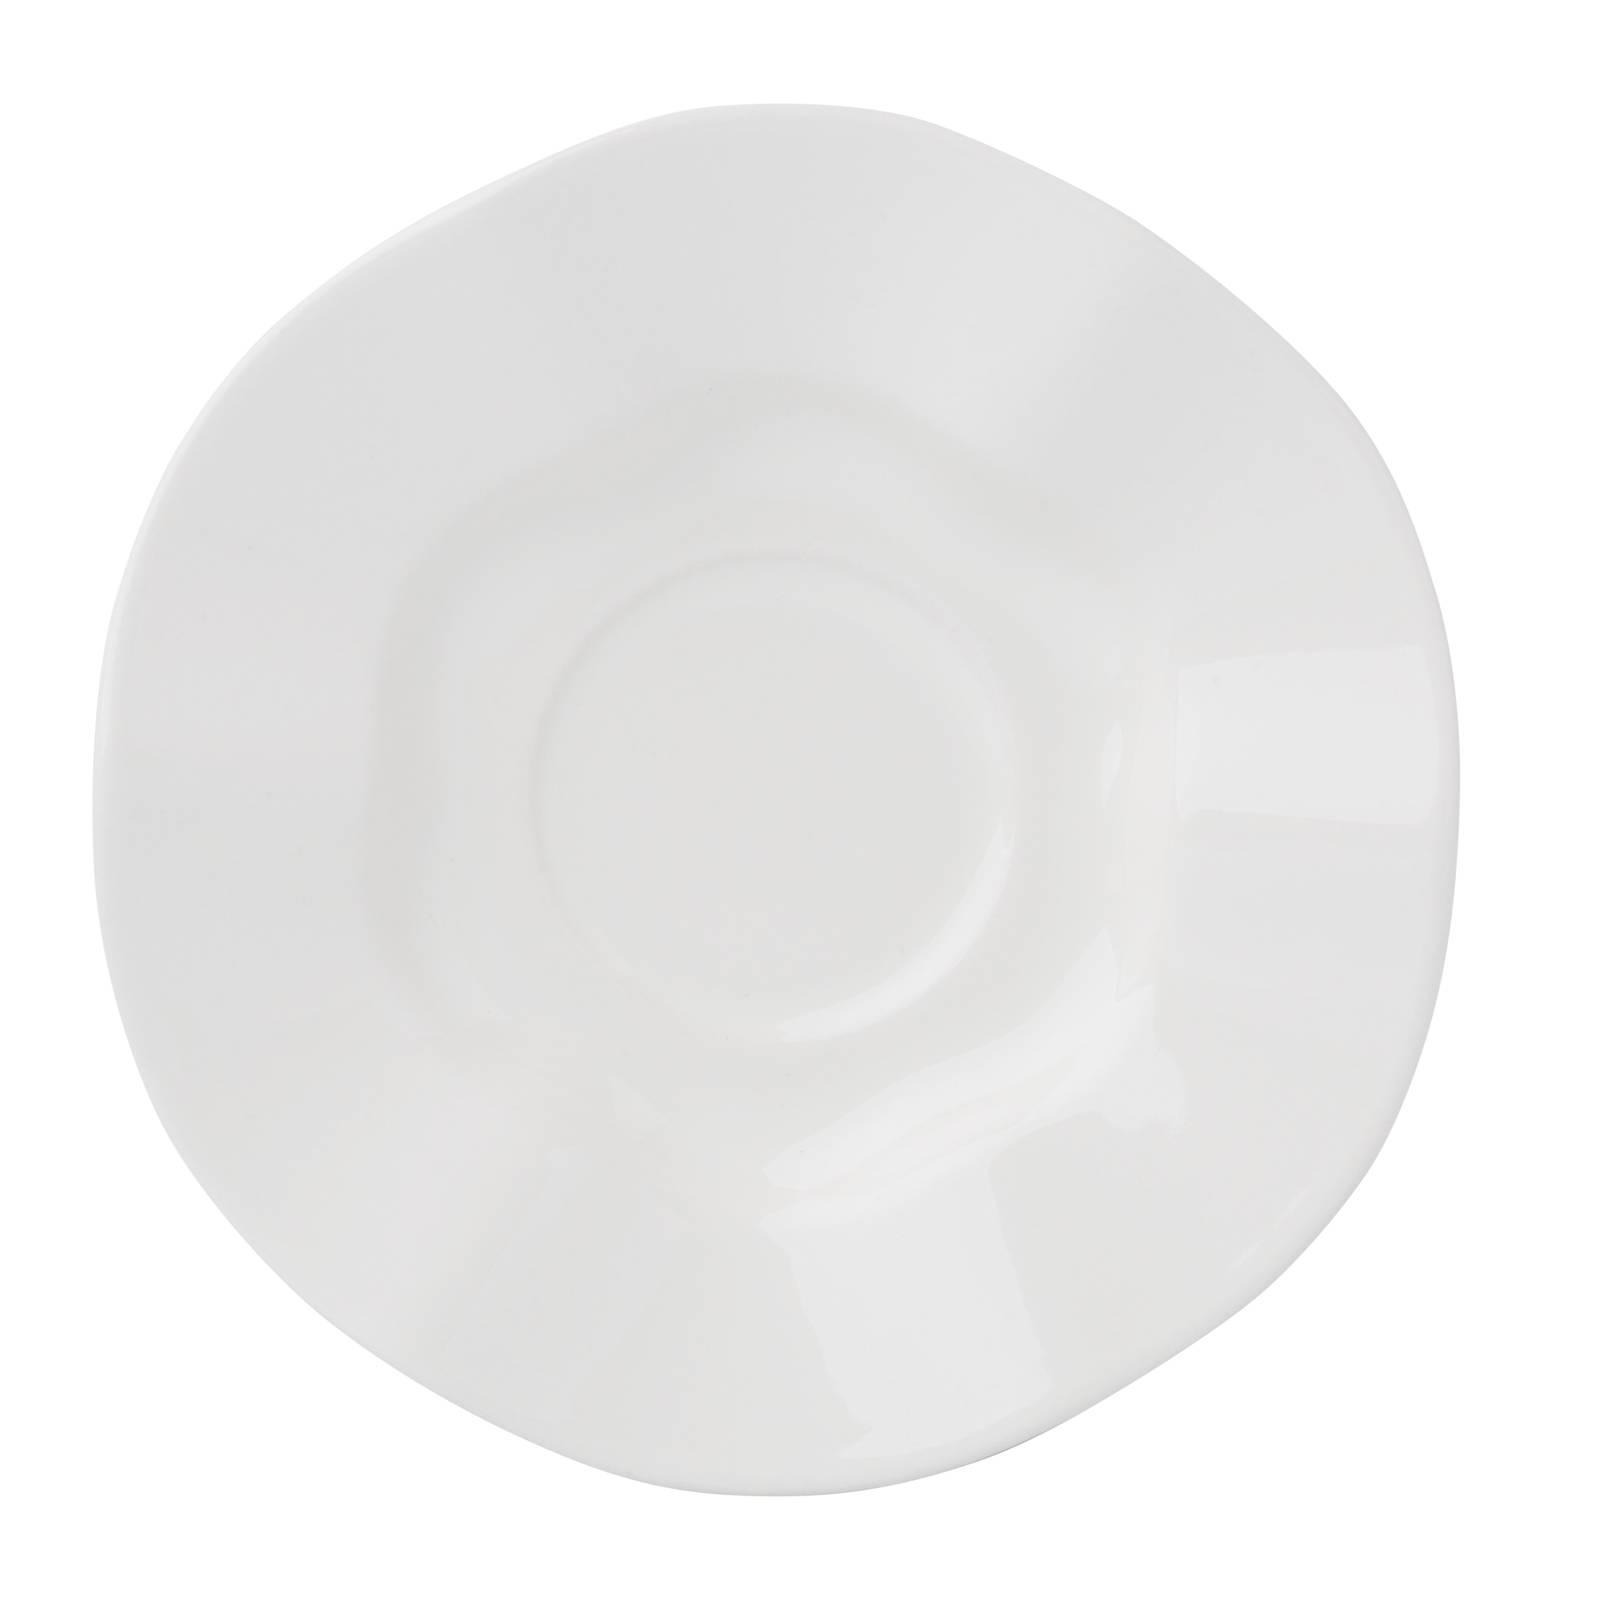 Untertasse Diana Rustic Cream 11 cm AMBITION